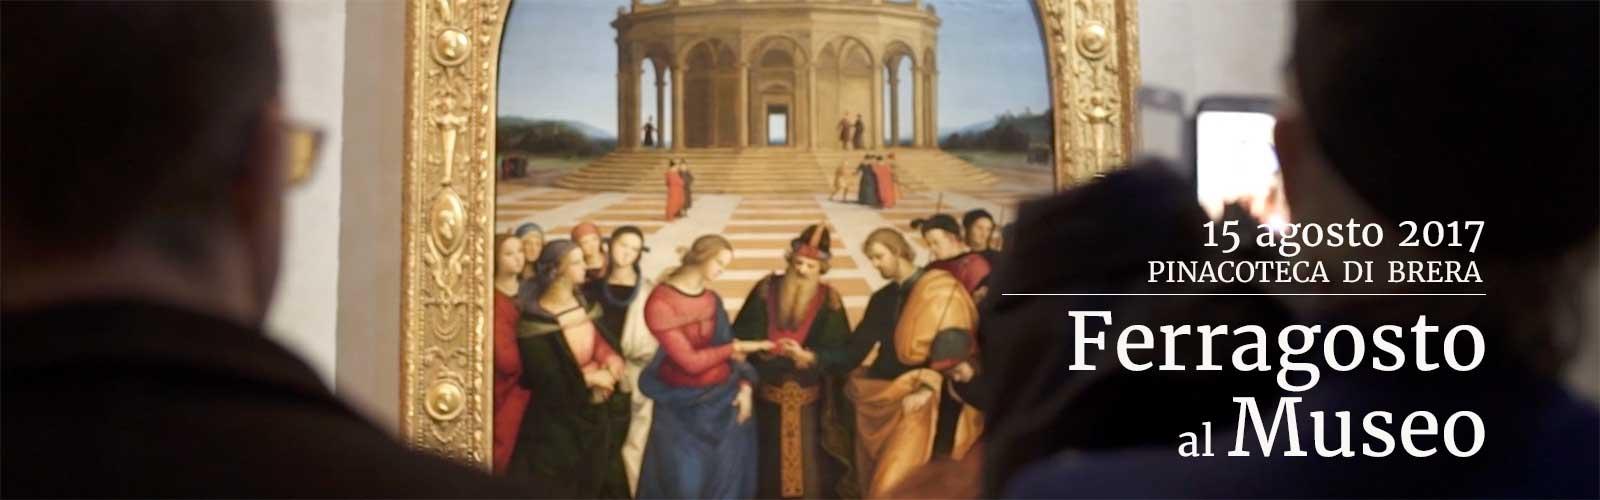 Ferragosto in Pinacoteca